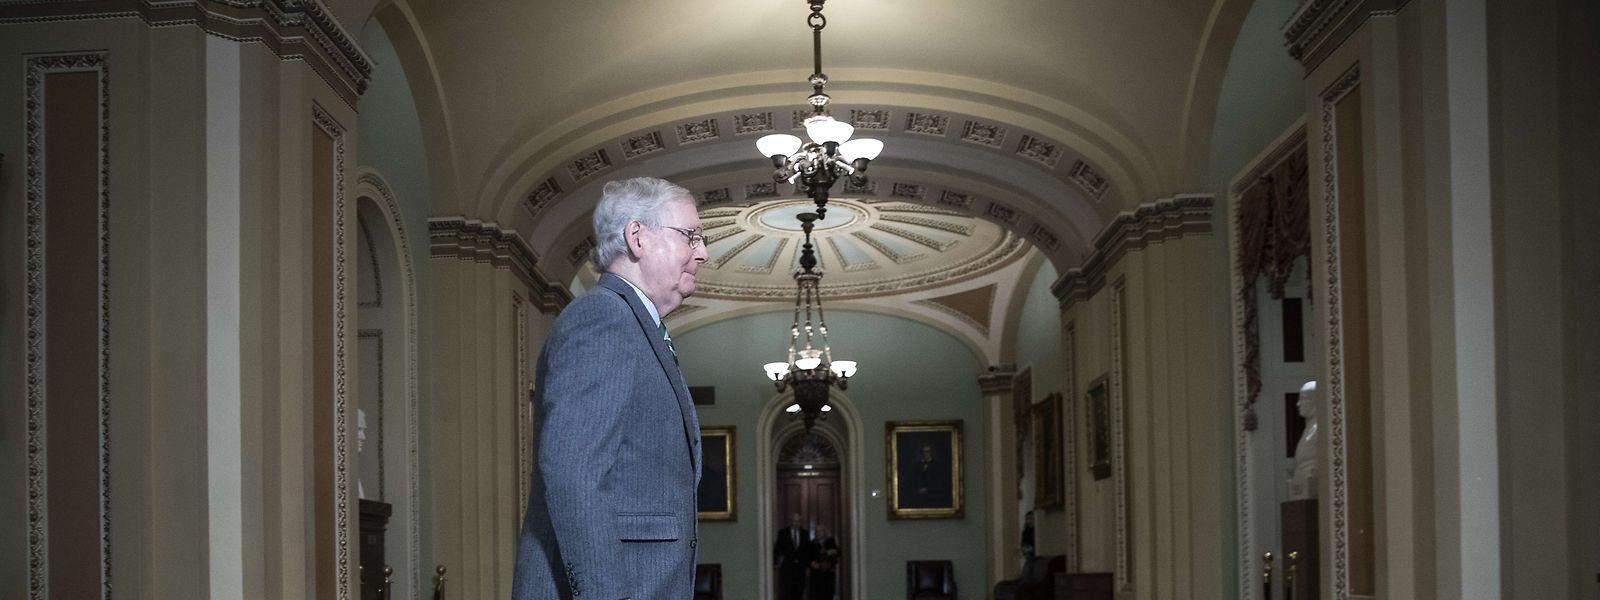 Mitch McConnell, republikanischer Mehrheitsführer im US-Senat, ist seit Mitglied im US-Senat.